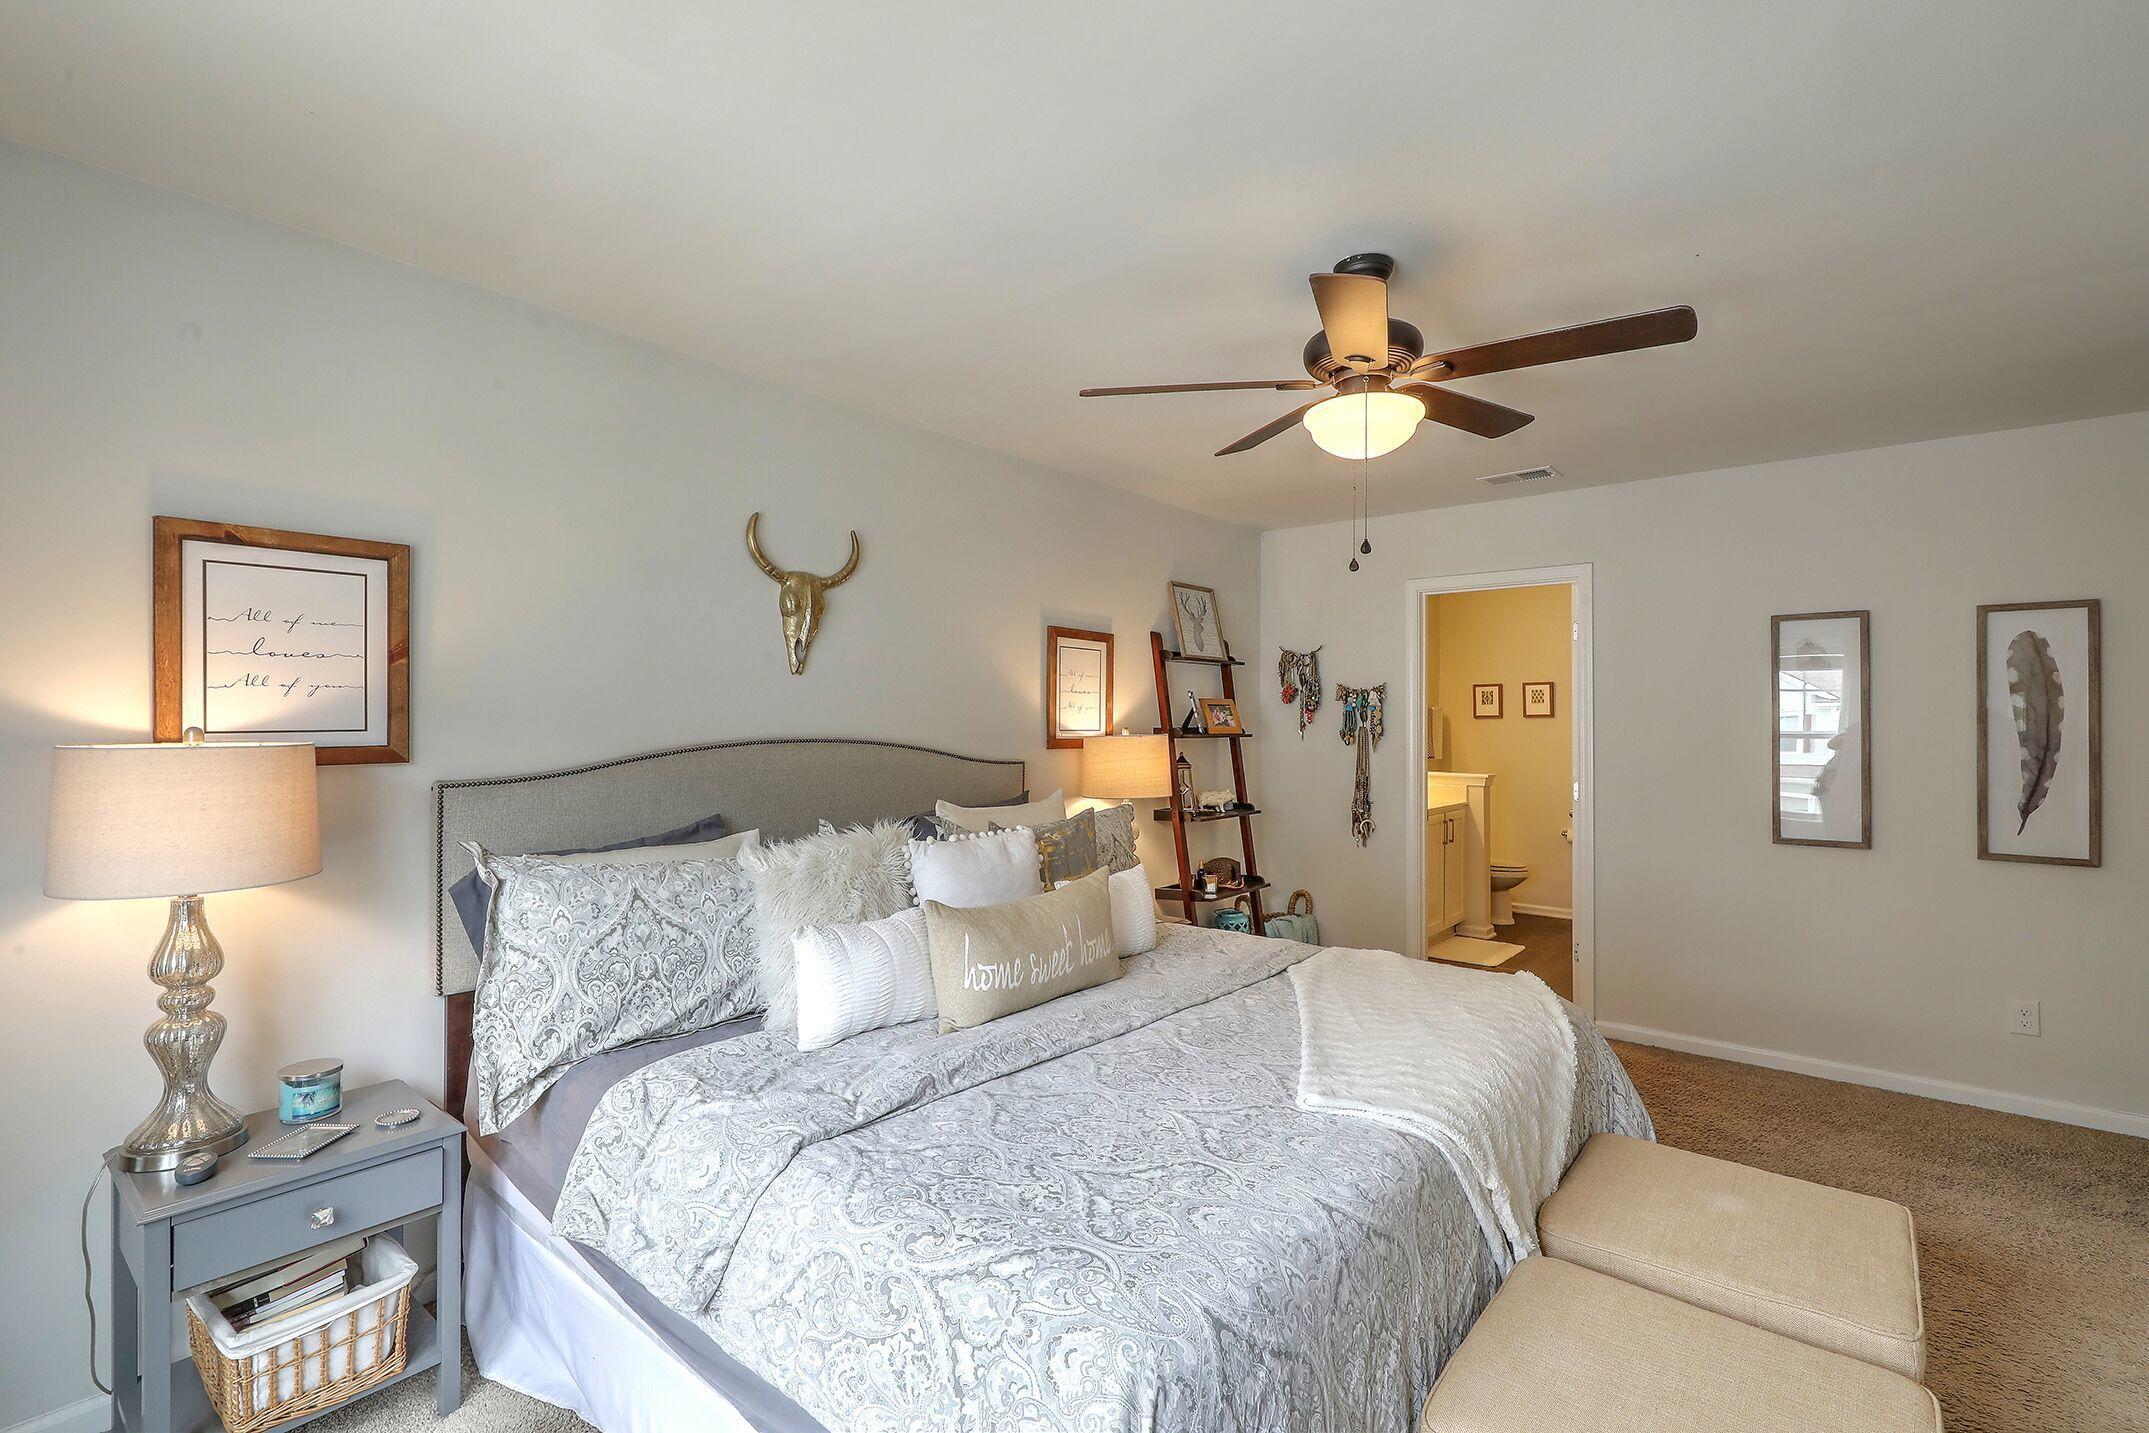 Park West Homes For Sale - 1819 Chauncys, Mount Pleasant, SC - 18